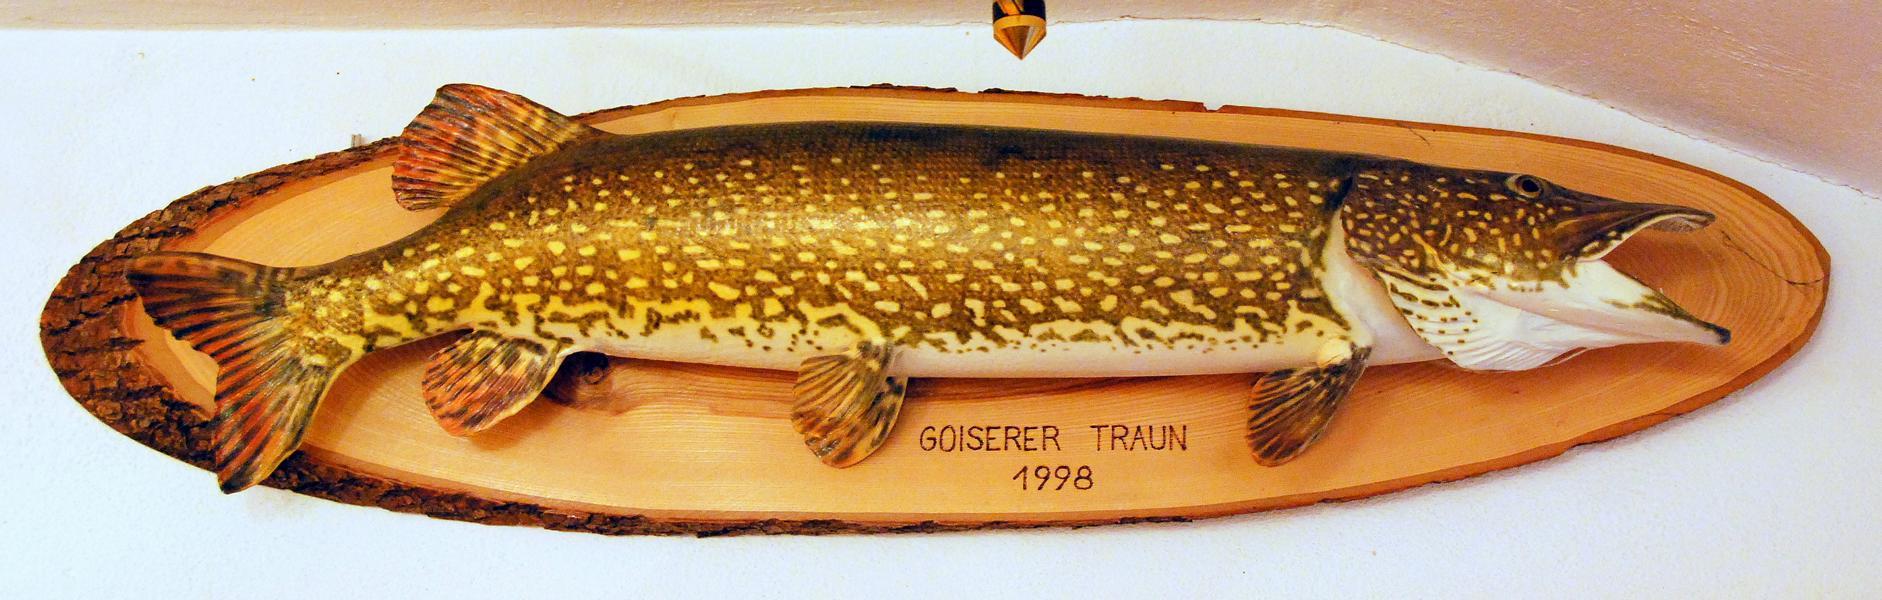 96er Hecht aus der Goiserer Traun - direkt unterhalb von der Seeklause gefangen